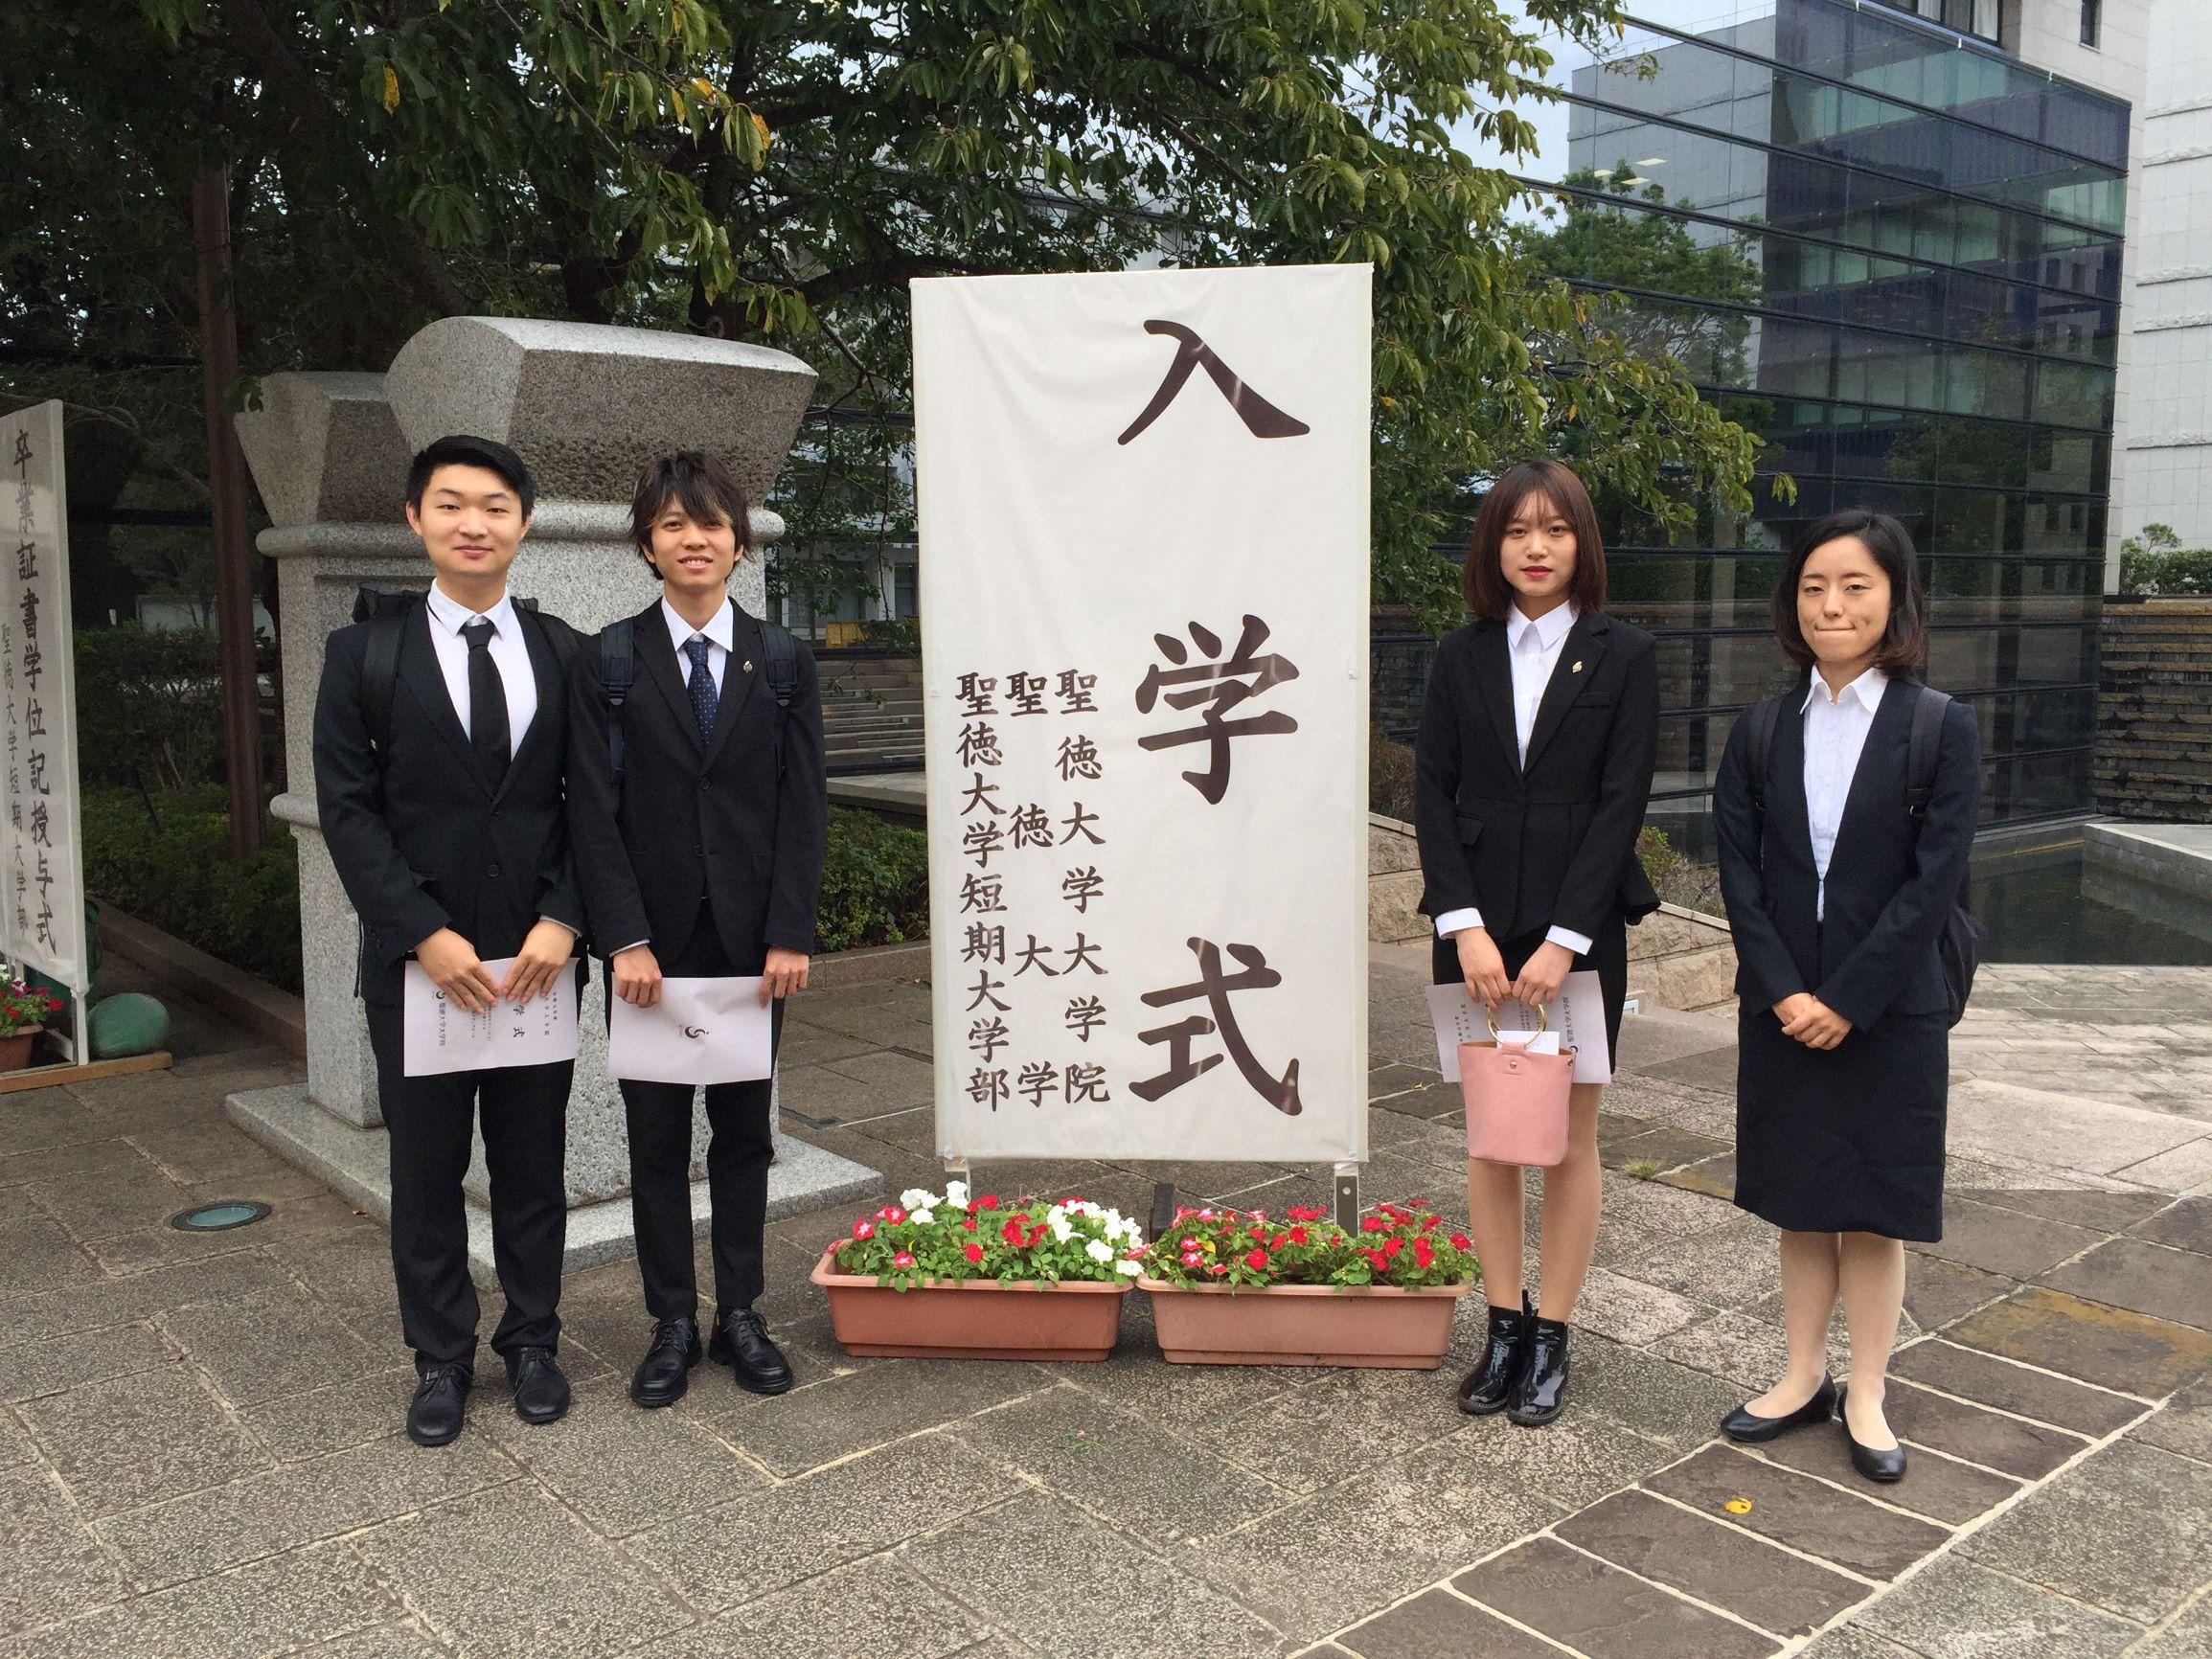 大学院秋学期の入学式が挙行されました